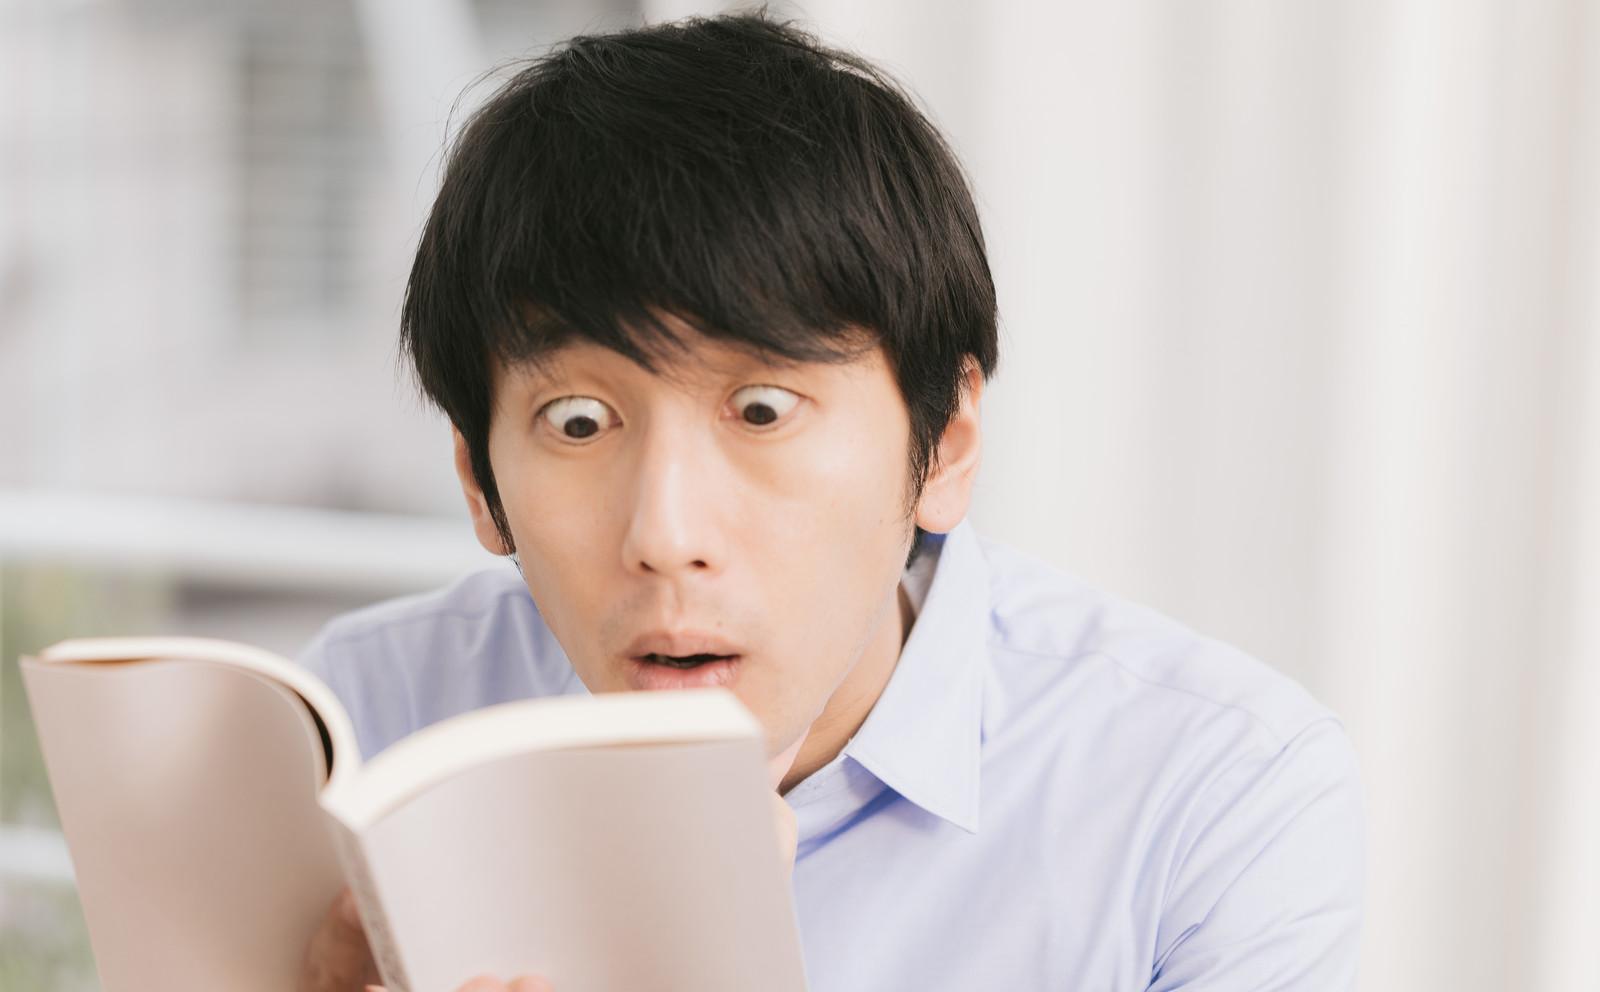 なぜ男は巨乳が好きなのか。その生物学的理由とは?